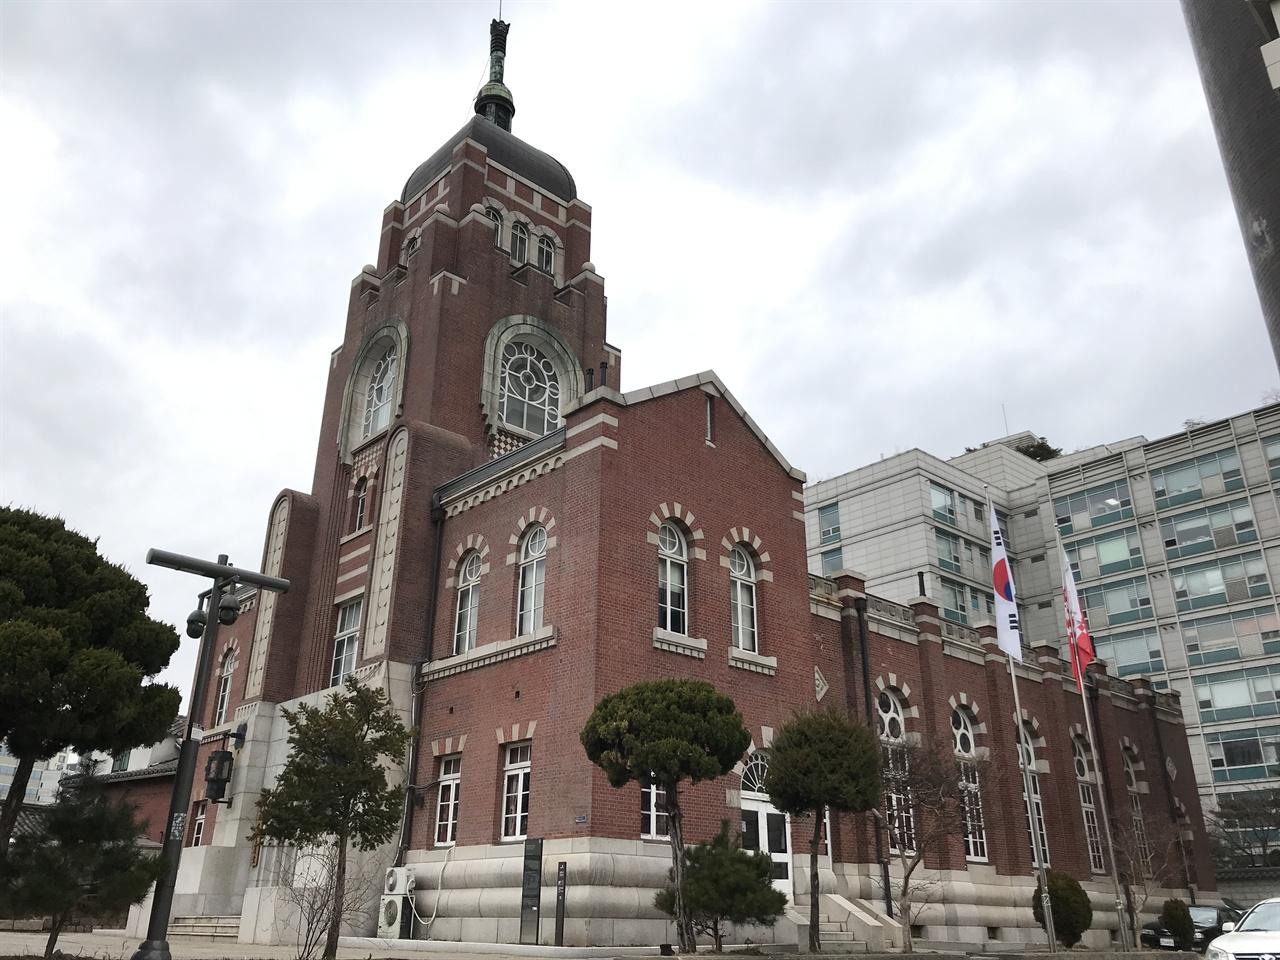 천도교 중앙대교당 1918년 공사를 시작해서 1921년 완공된 천도교 대교당. 건물 완공에 오랜 시간이 걸린 이유는 천도교가 건축을 위해 모은 돈을 3.1 만세운동 자금으로 사용했기 때문이다. 이 건물은 명동성당, 조선총독부 건물과 함께 식민지 경성의 3대 건축물로 꼽혔다. 설계자는 일본인 나카무라 요시헤이(中村興資平). 세제션(Secession) 스타일 건축물로 알려져 있다.